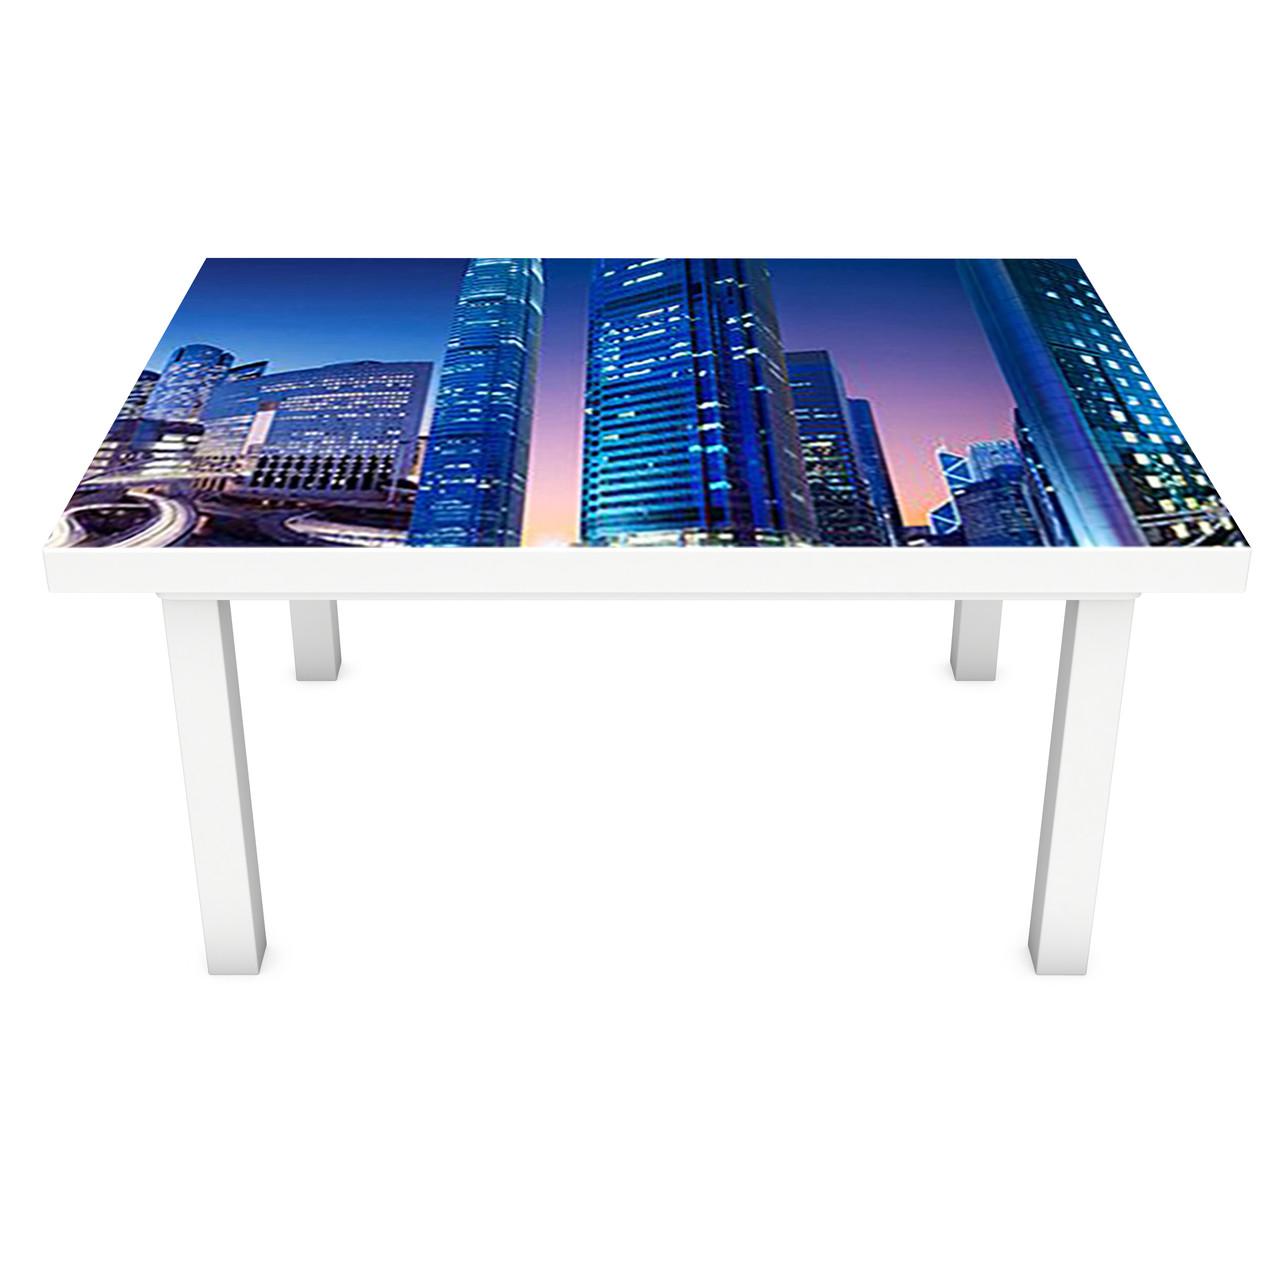 Виниловая наклейка на стол Скорость (интерьерная ПВХ пленка для мебели) огни ночного города Синий 600*1200 мм